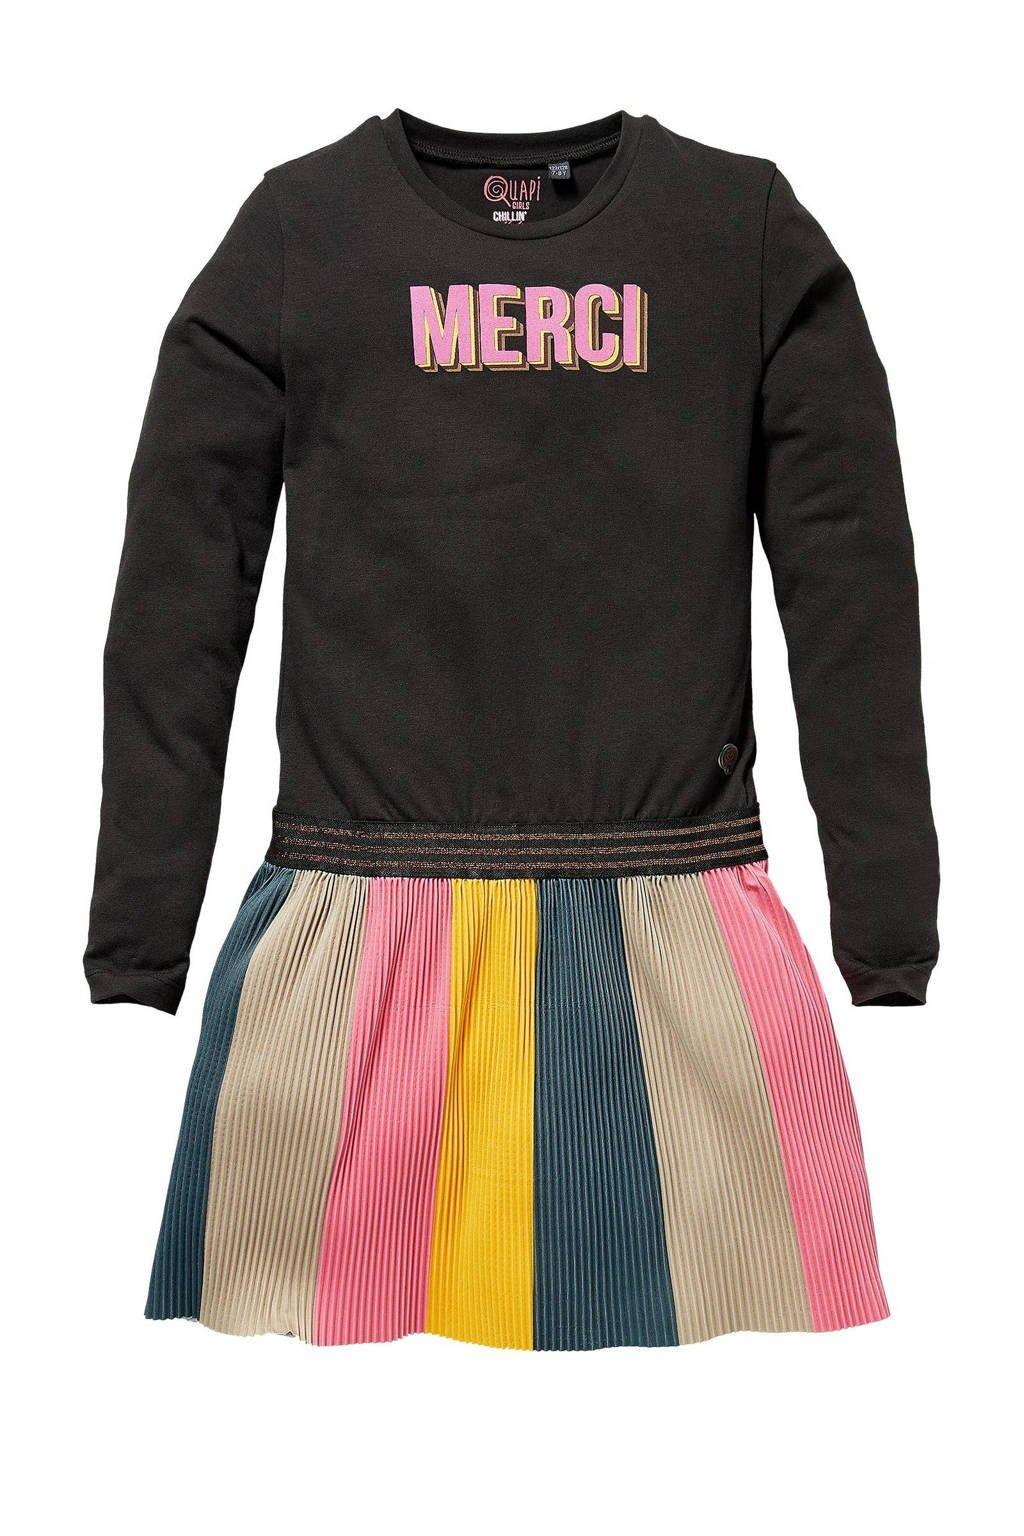 Quapi Girls gestreepte jurk Karen antraciet/multicolor, Antraciet/multicolor